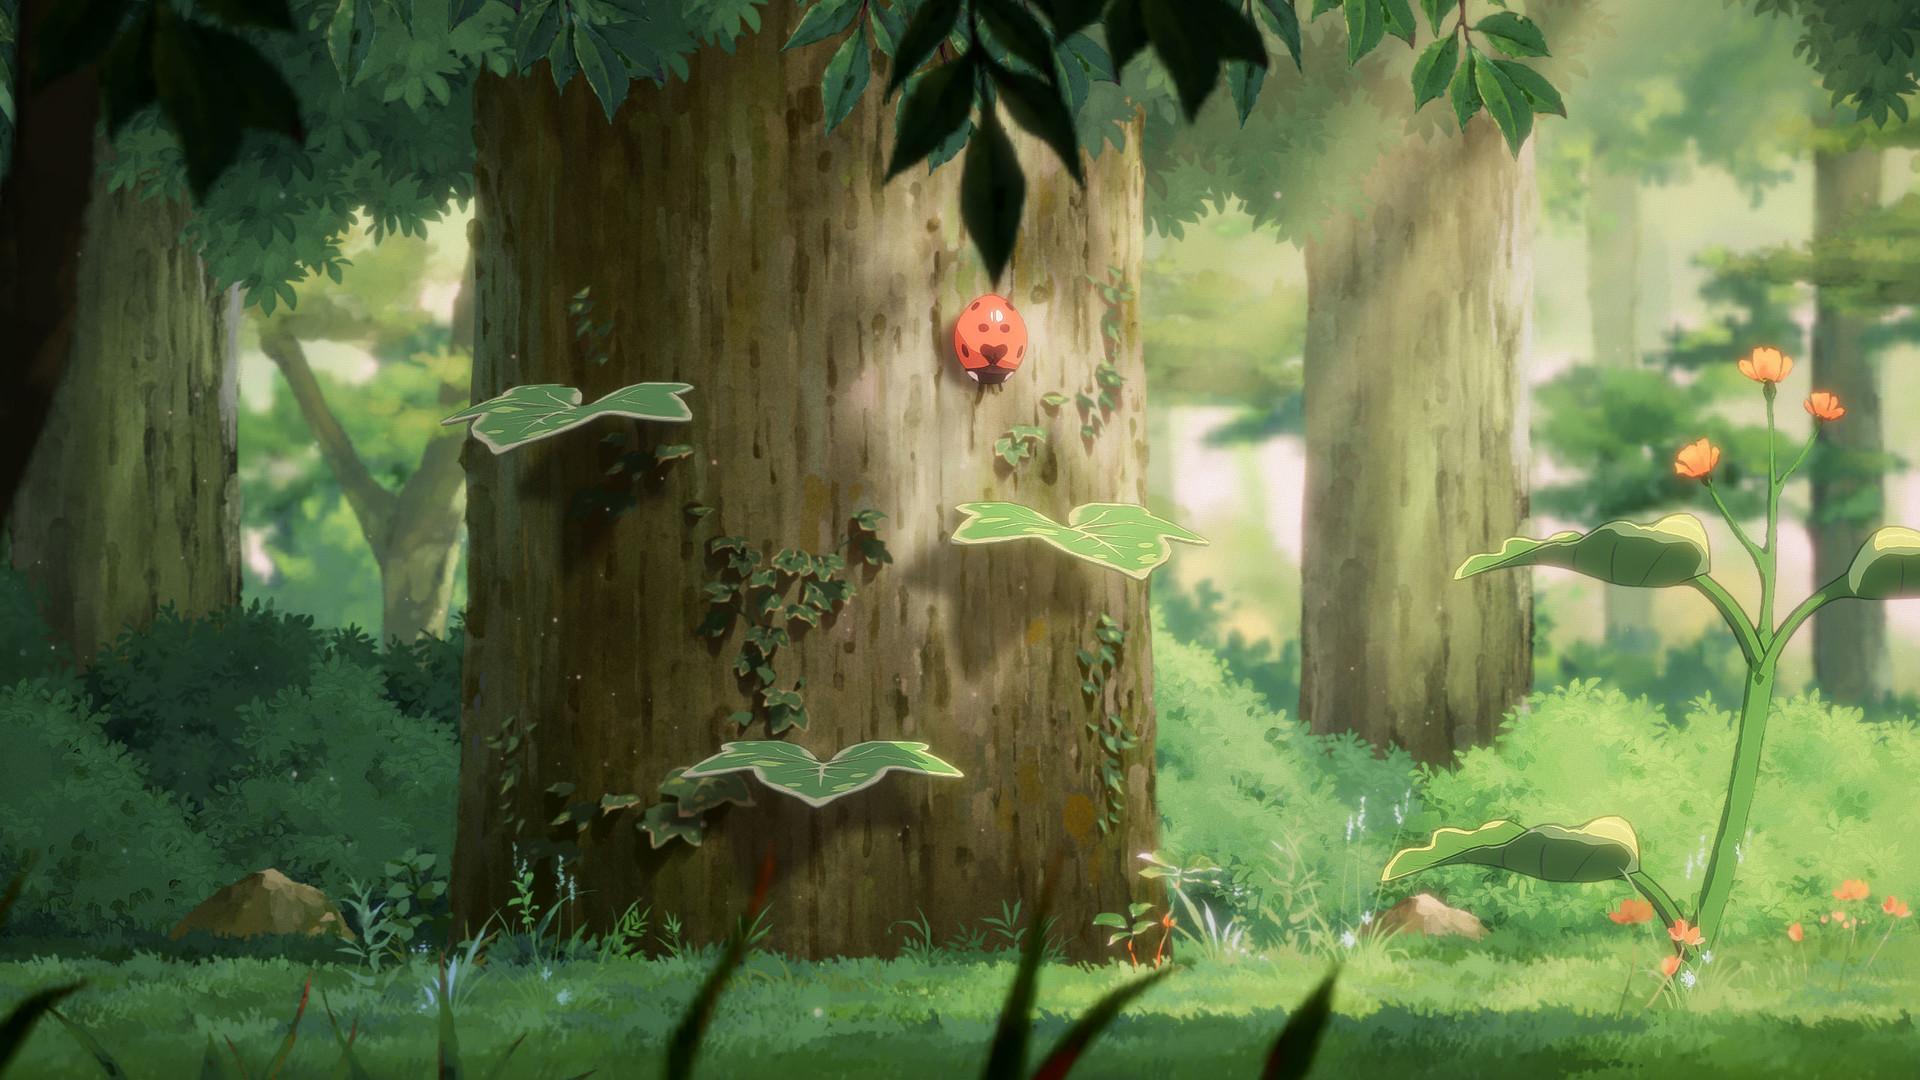 Hoa the game | Environment